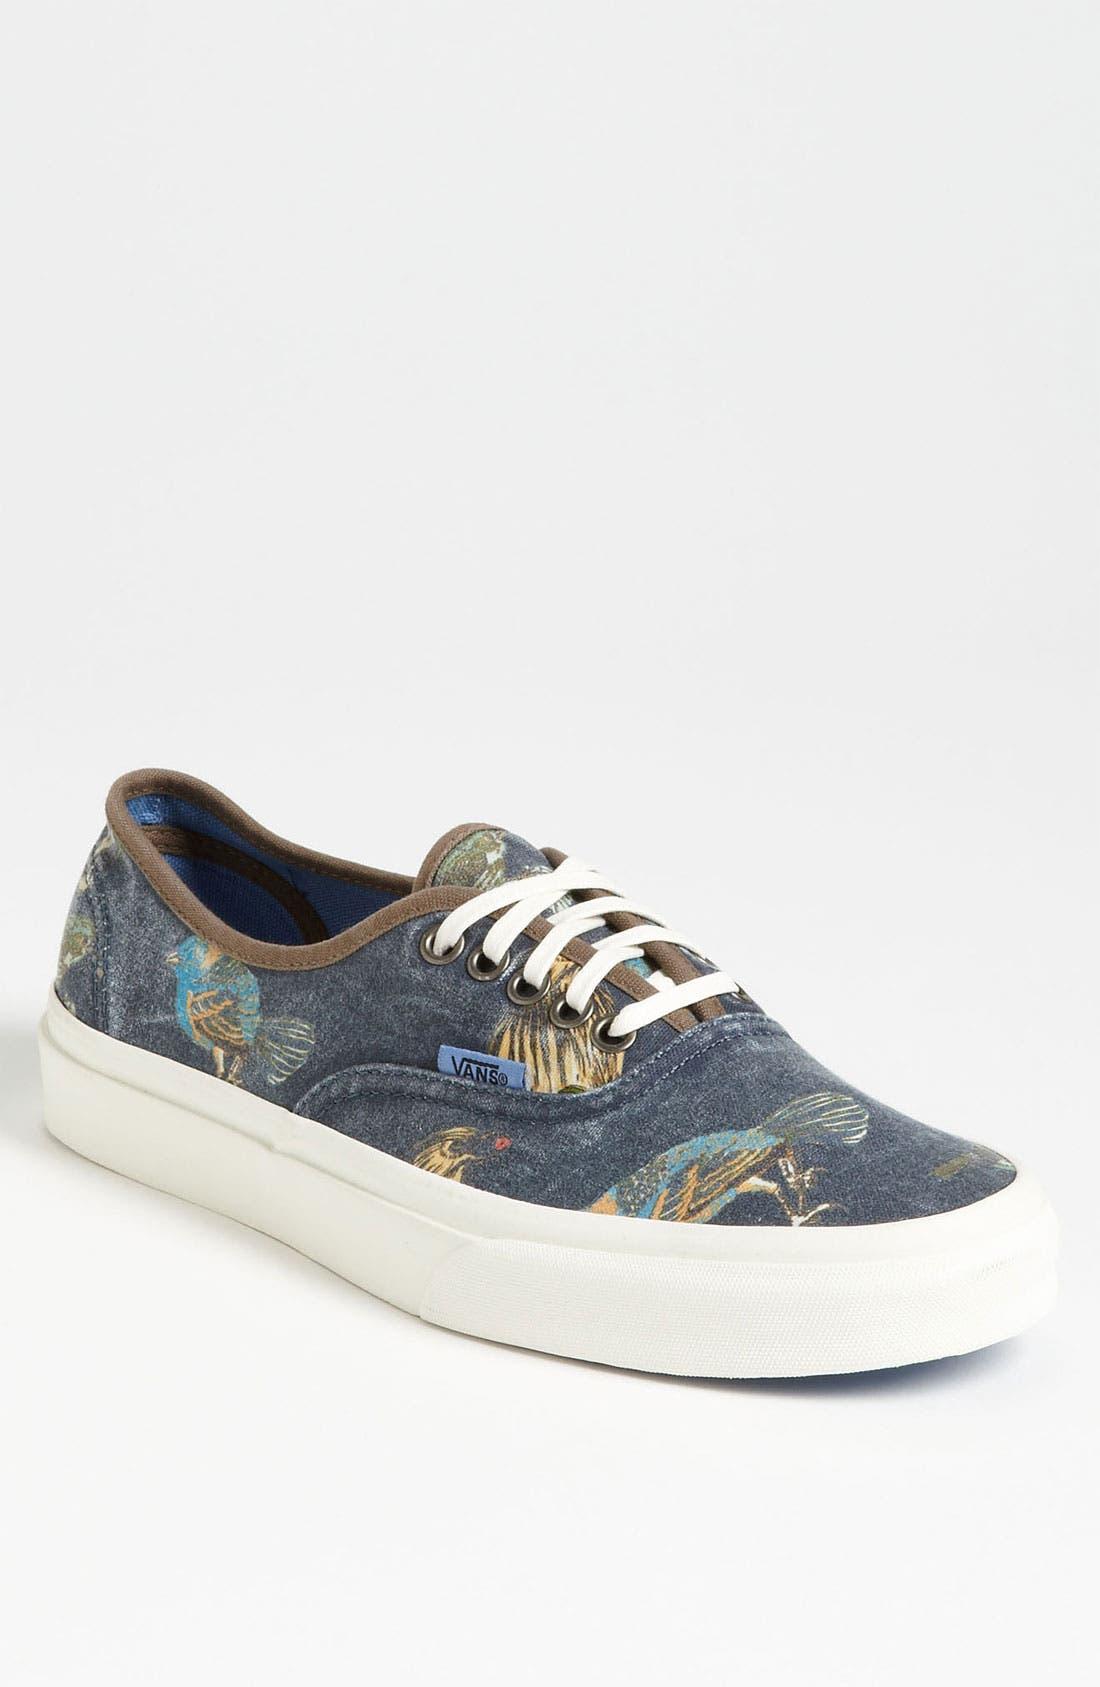 Alternate Image 1 Selected - Vans 'Cali - Authentic' Print Sneaker (Men)